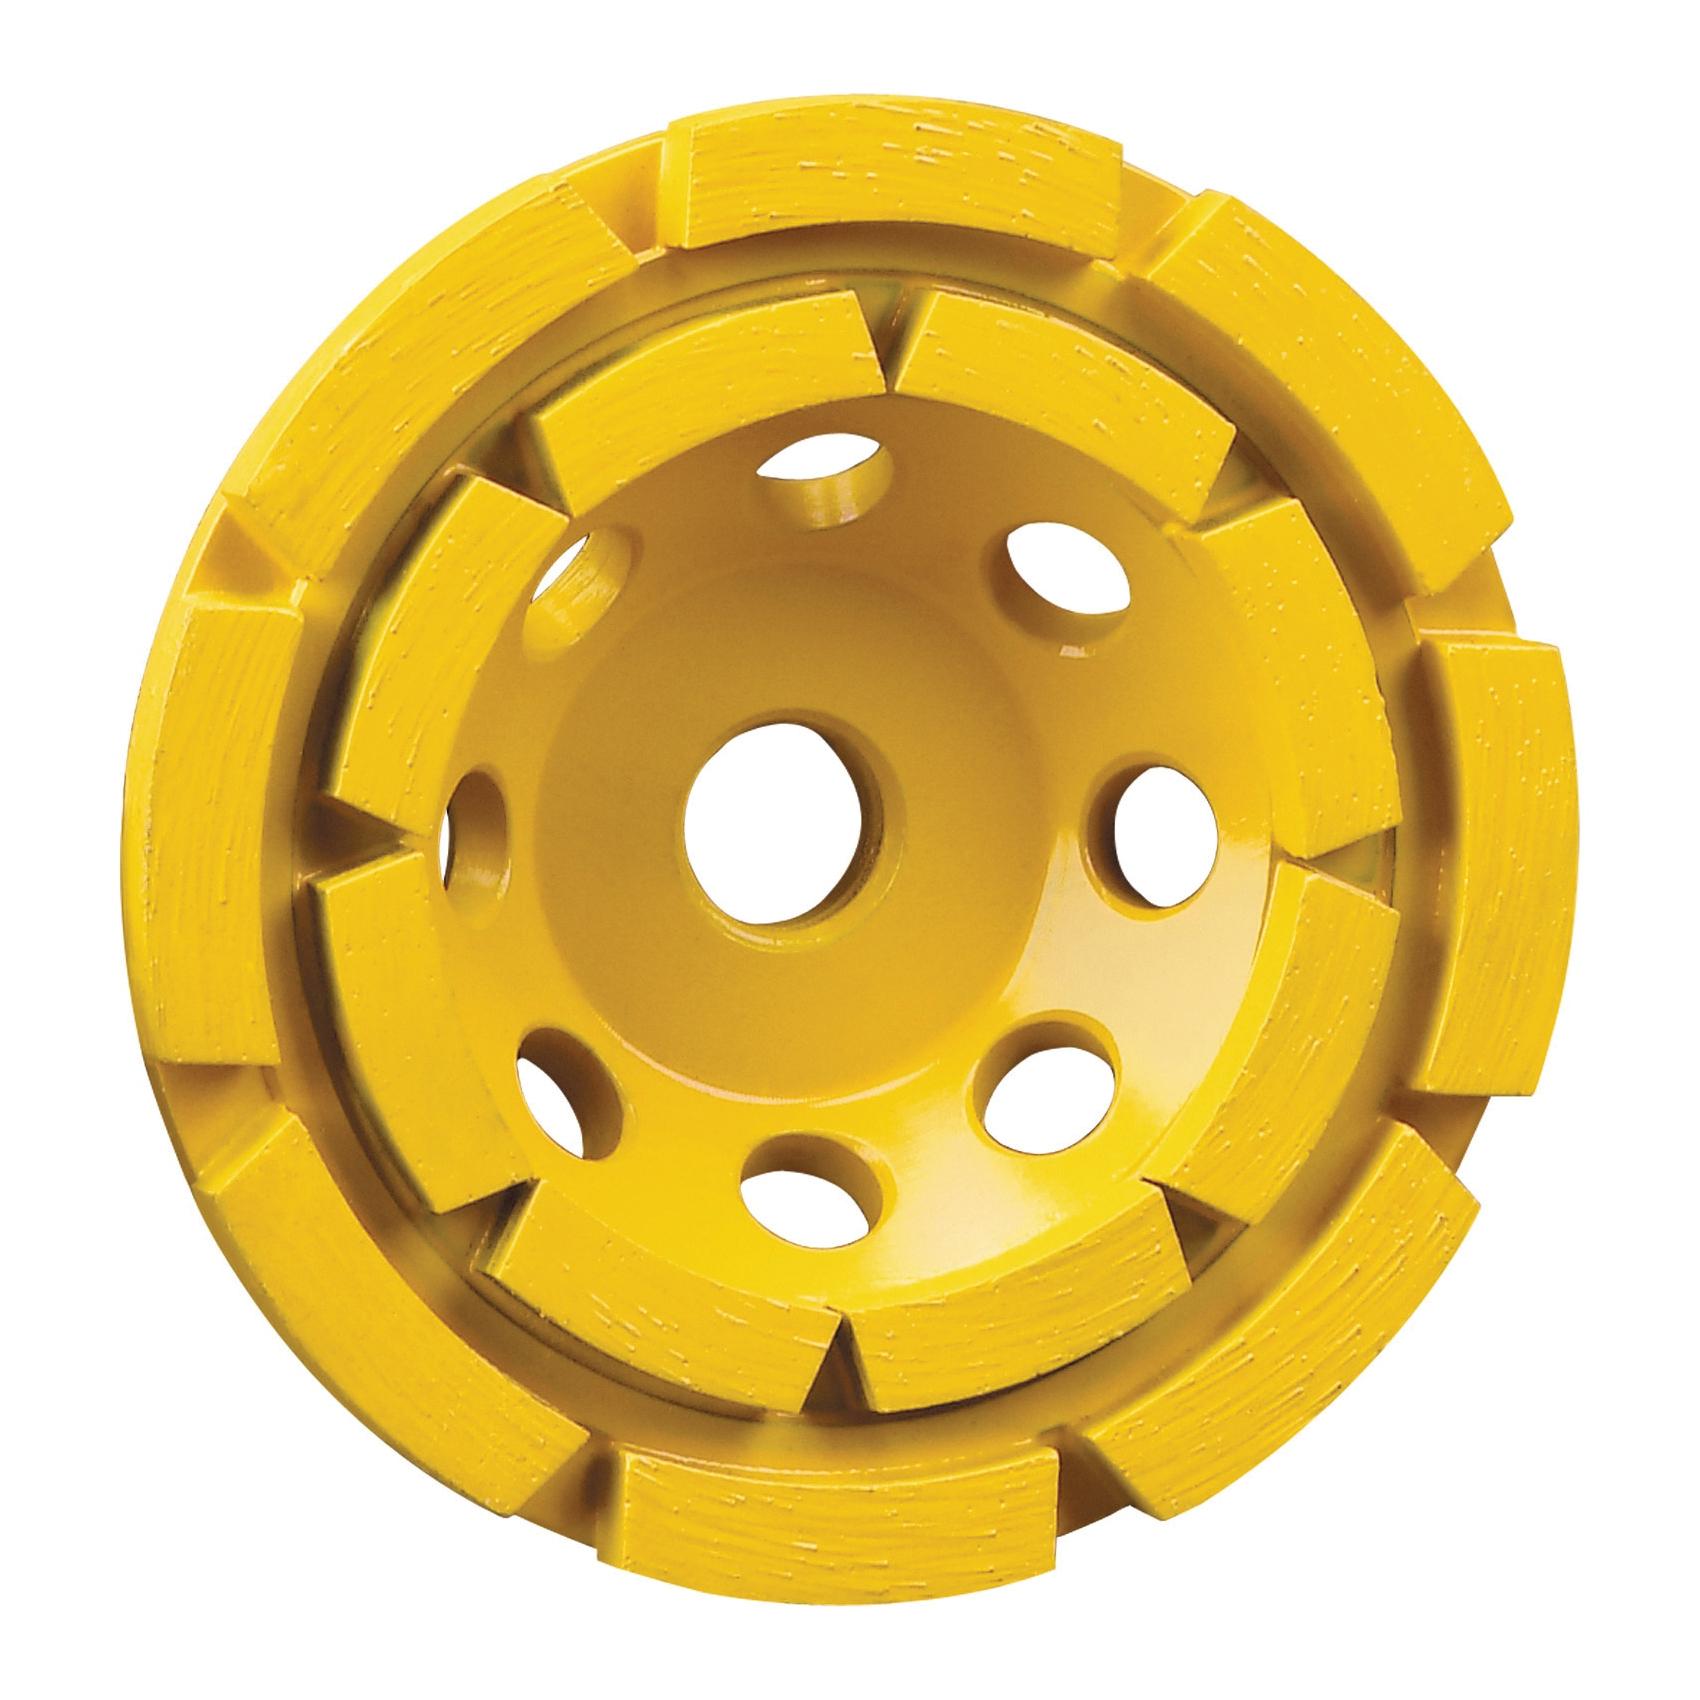 DeWALT® XP™ DW4774 Double Row General Purpose Heavy Duty Cup Wheel, 4-1/2 in Dia x 1 in THK, Diamond Abrasive